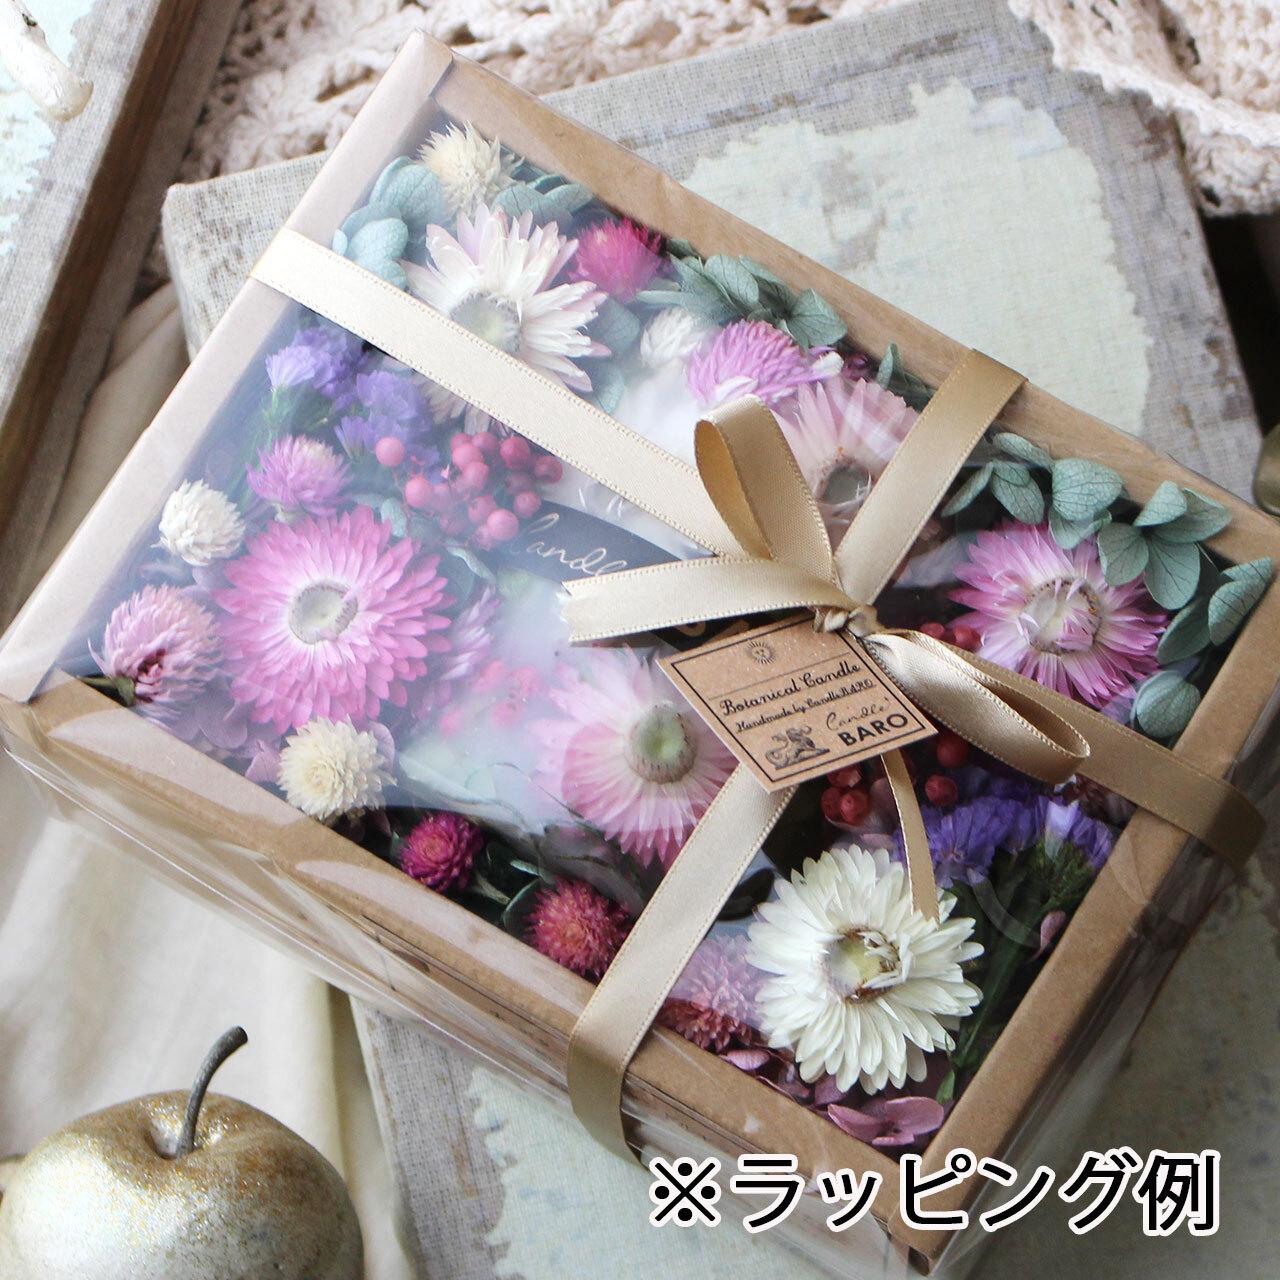 H478 透明ラッピング&紙袋付き☆ボタニカルキャンドルギフト プリザーブドローズ